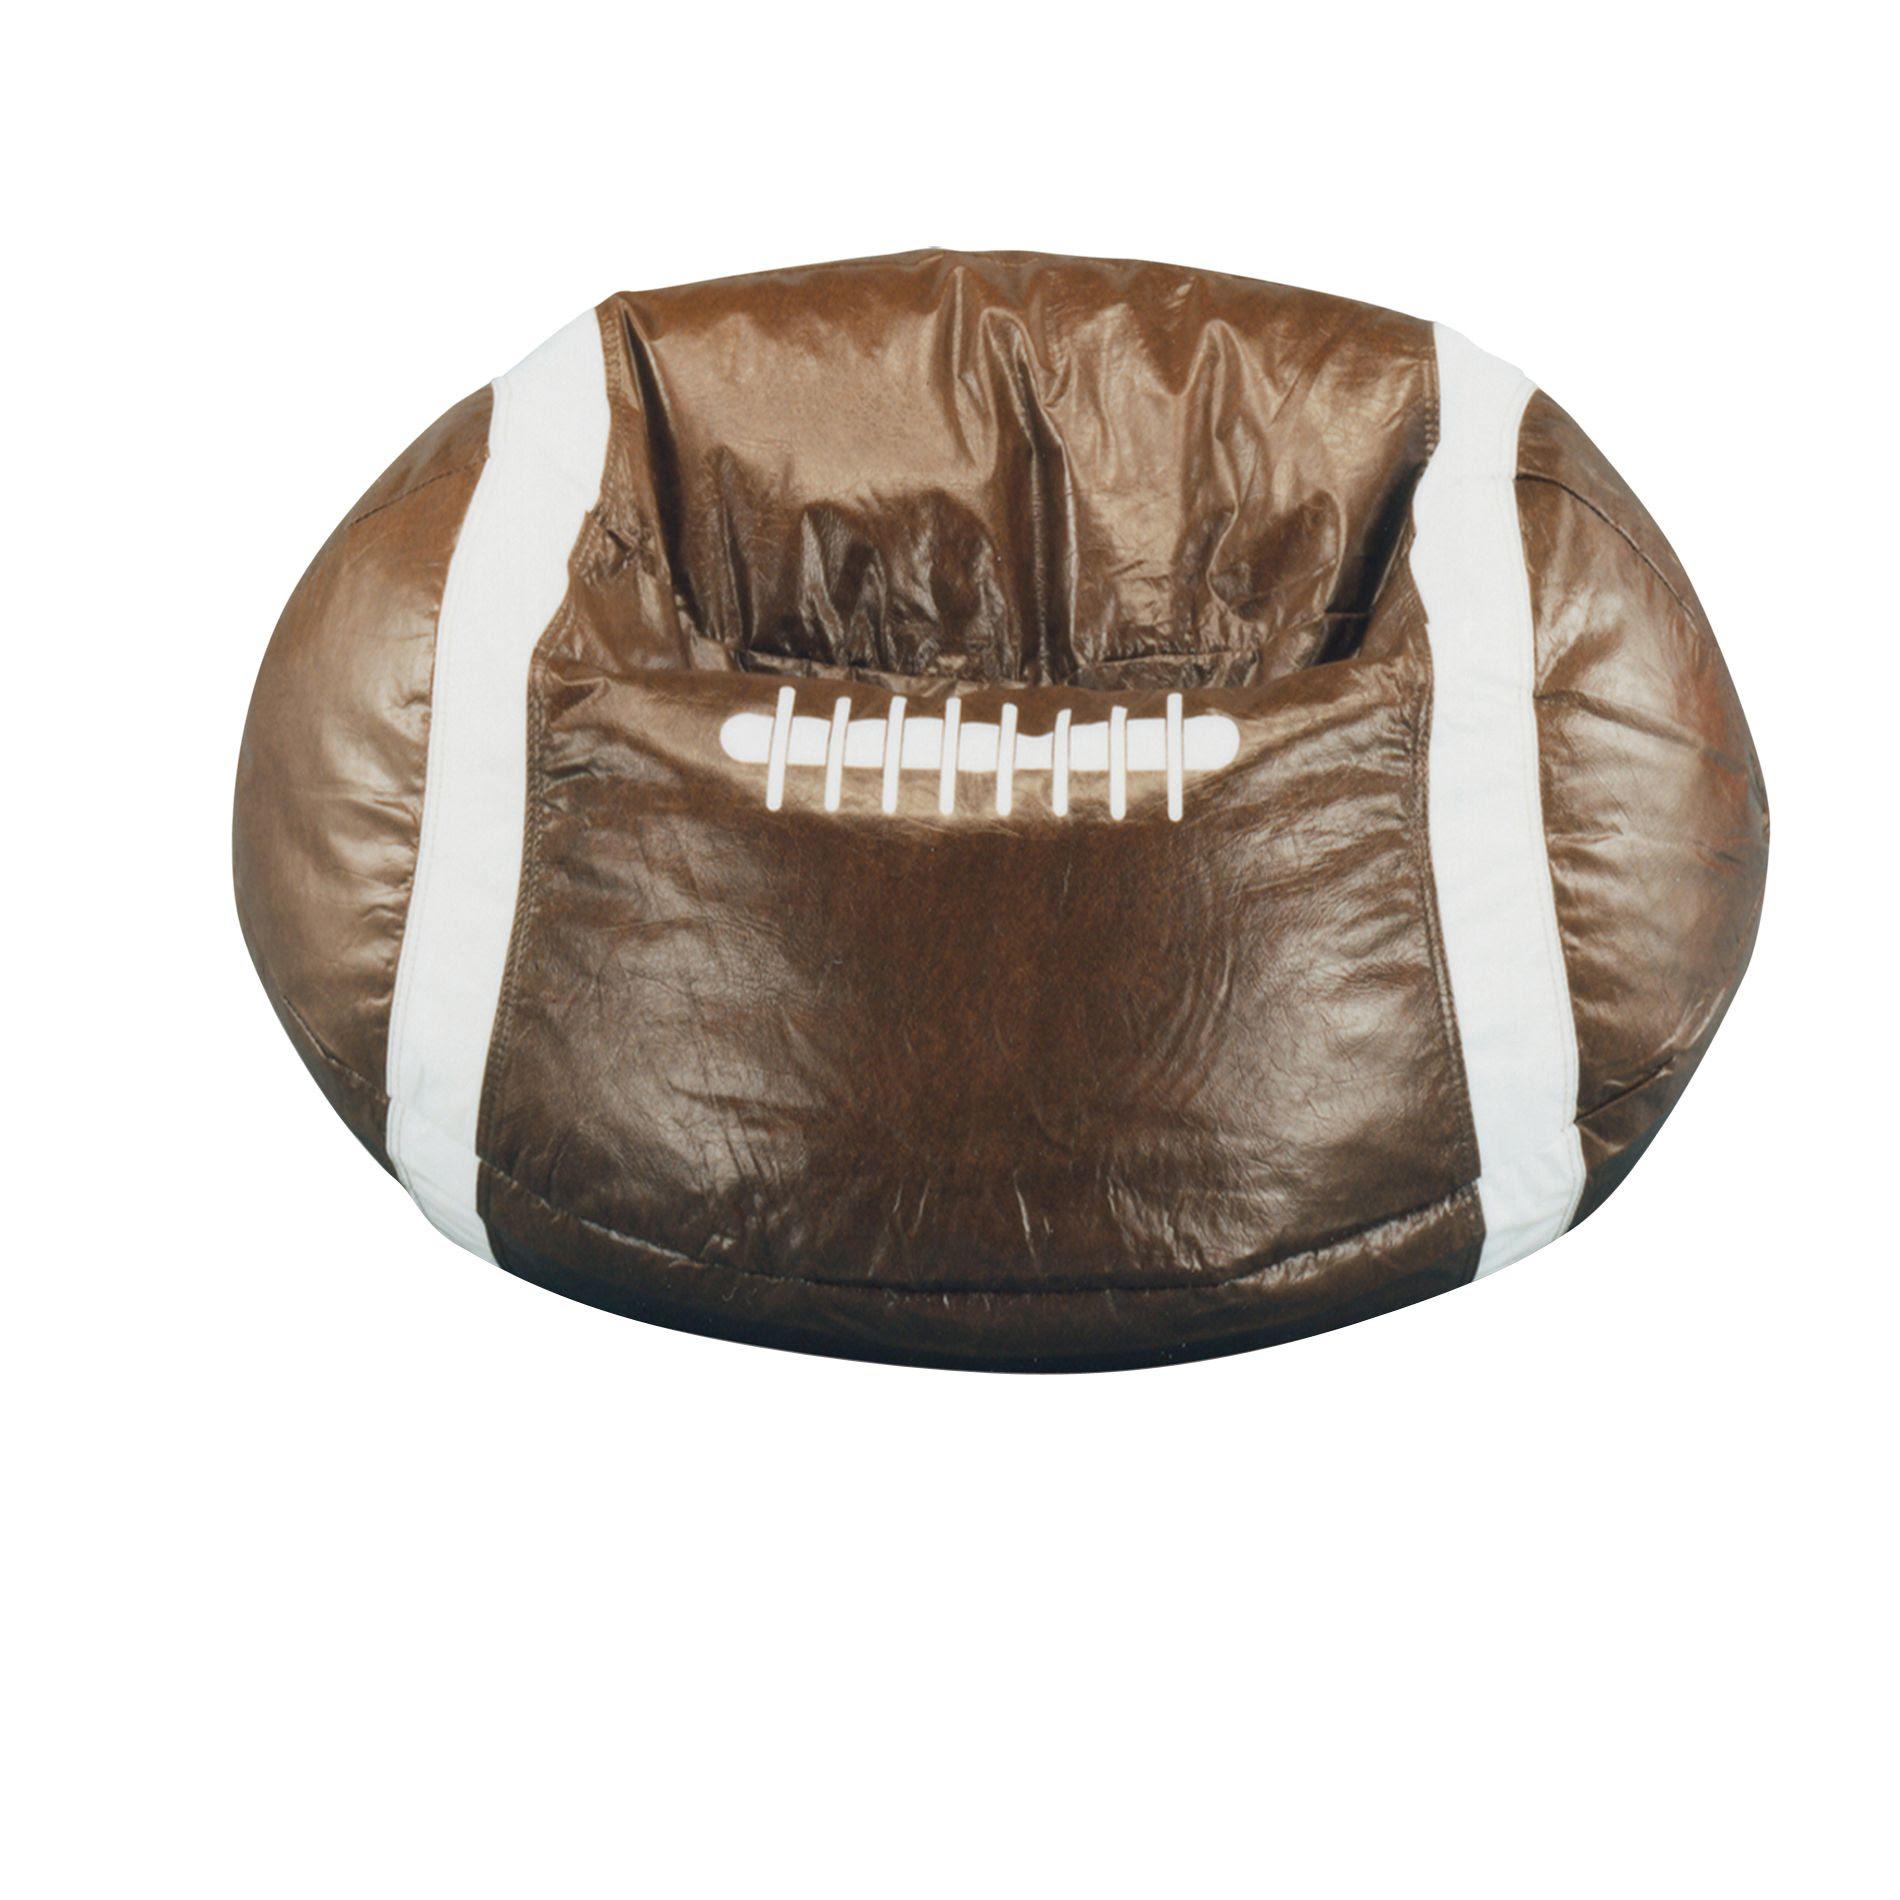 Bean Bag Factory Brown Football Bean Bag Chair Cover